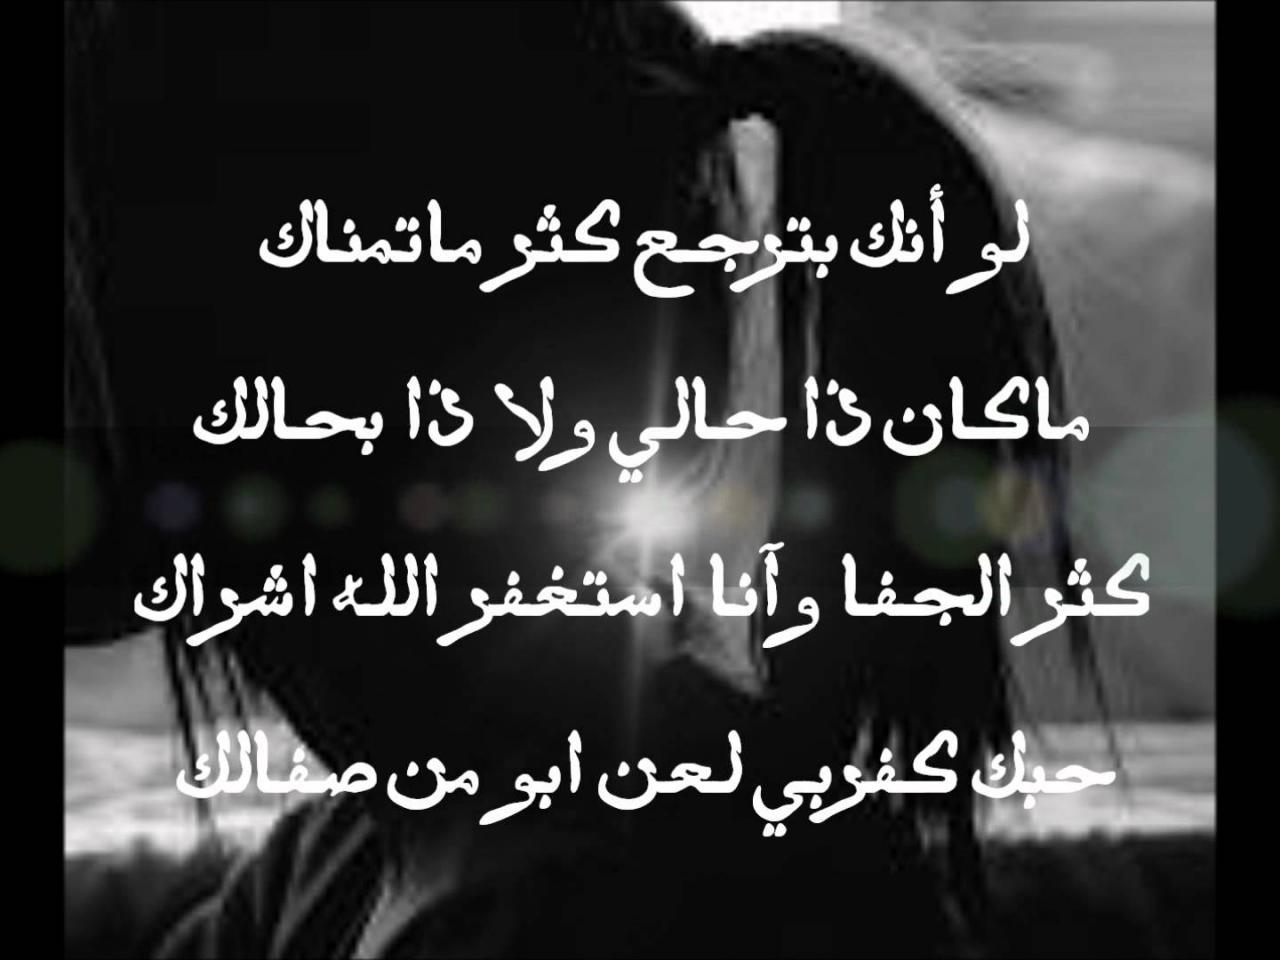 صورة اشعار رومانسية حزينة , كلمات حزينه في قمه الرومانسيه